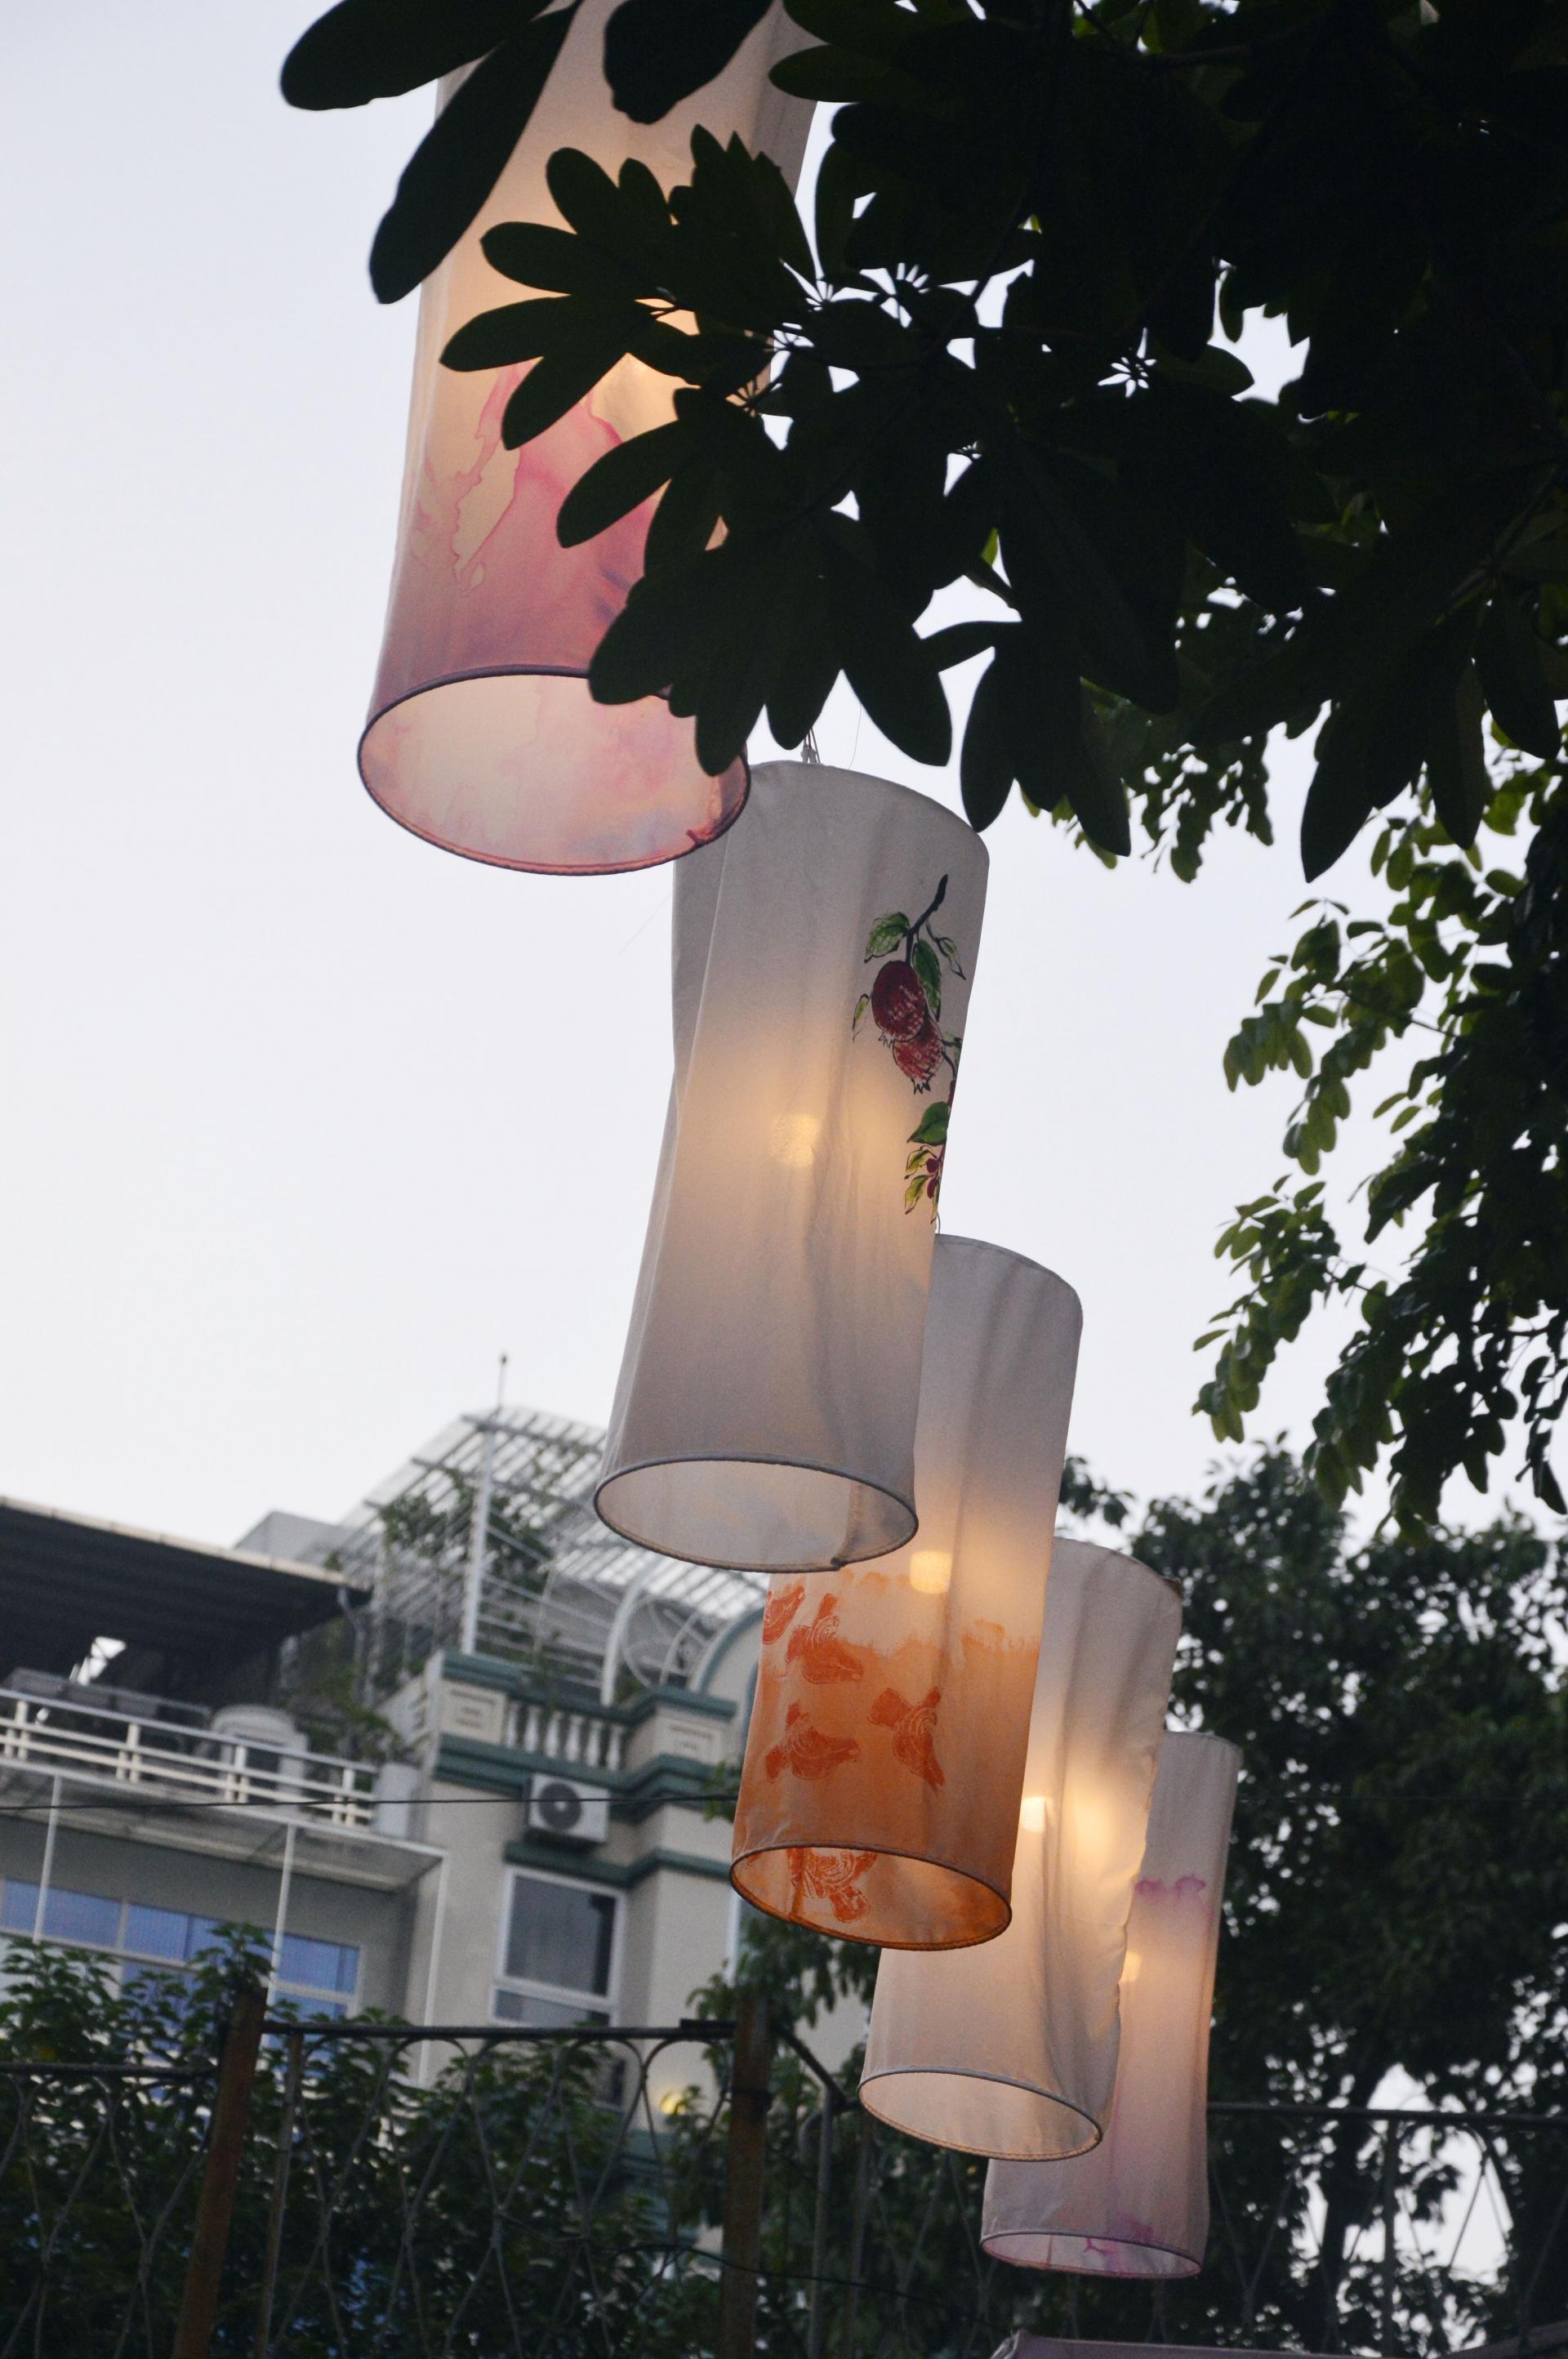 Chùm ảnh: Đi chơi Trung thu, người Hà Nội bất ngờ vì đèn lồng lơ lửng trên đầu Ảnh 8